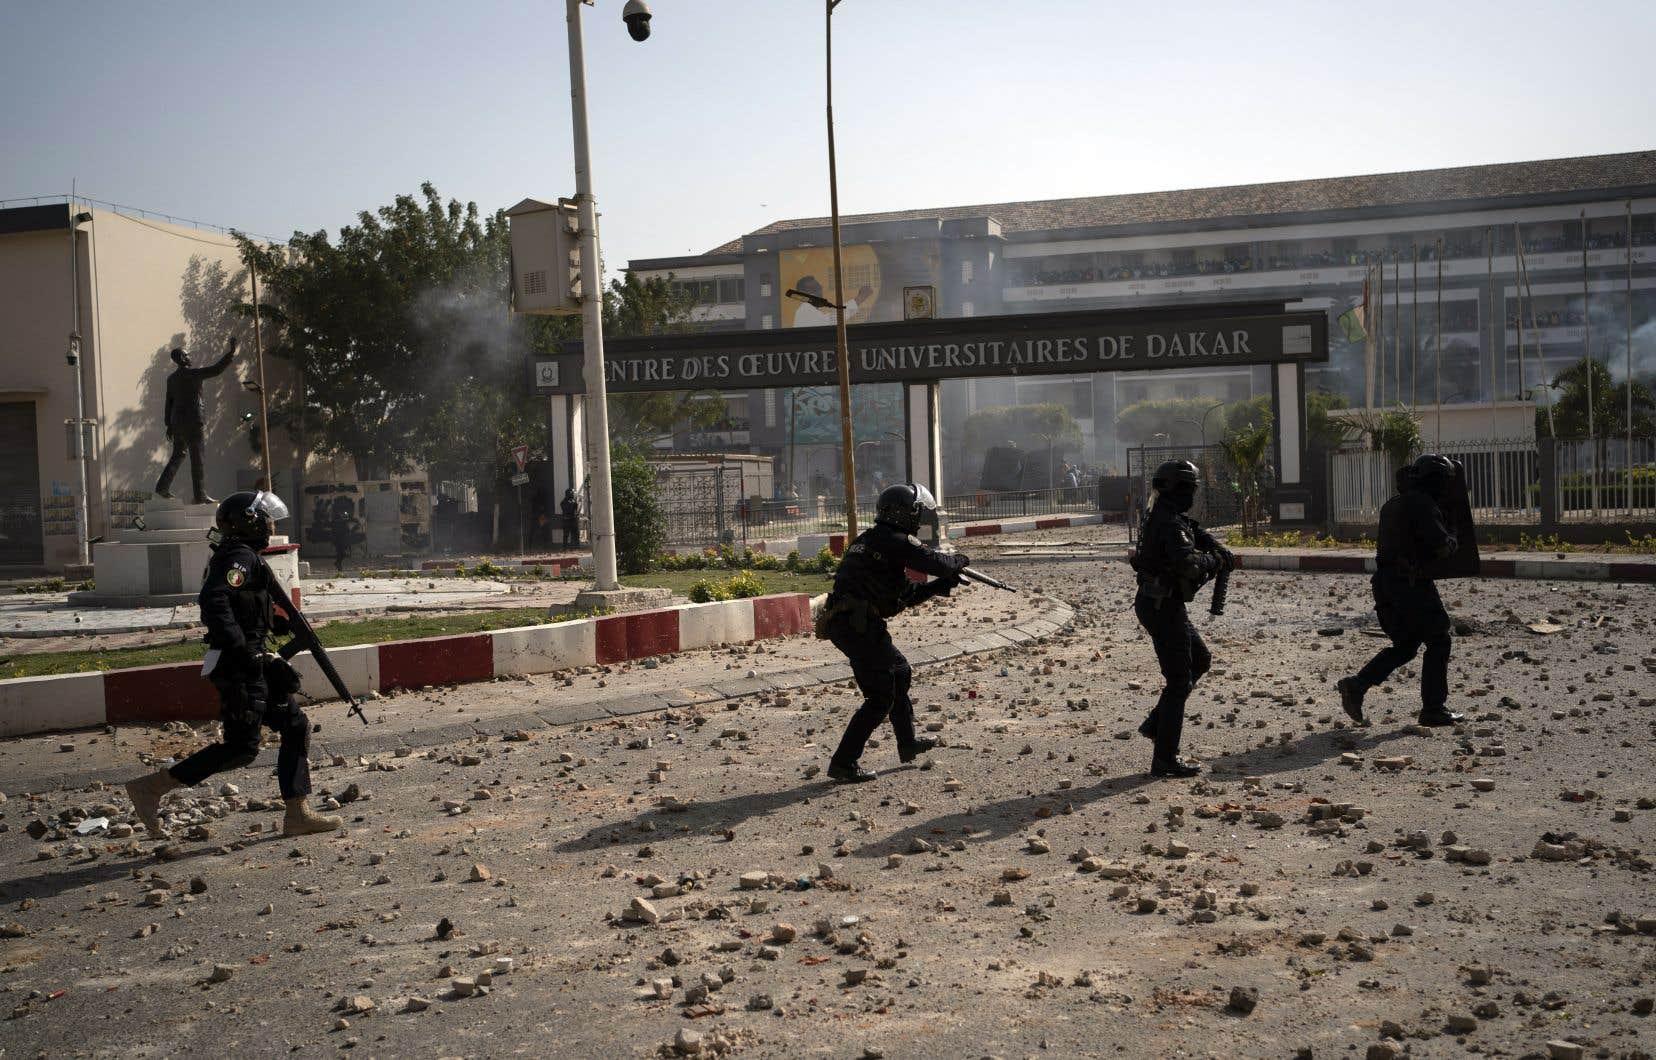 À Dakar, des groupes de jeunes et les forces de l'ordre avaient échangé mercredi des jets de pierres et des tirs de gaz lacrymogènes.